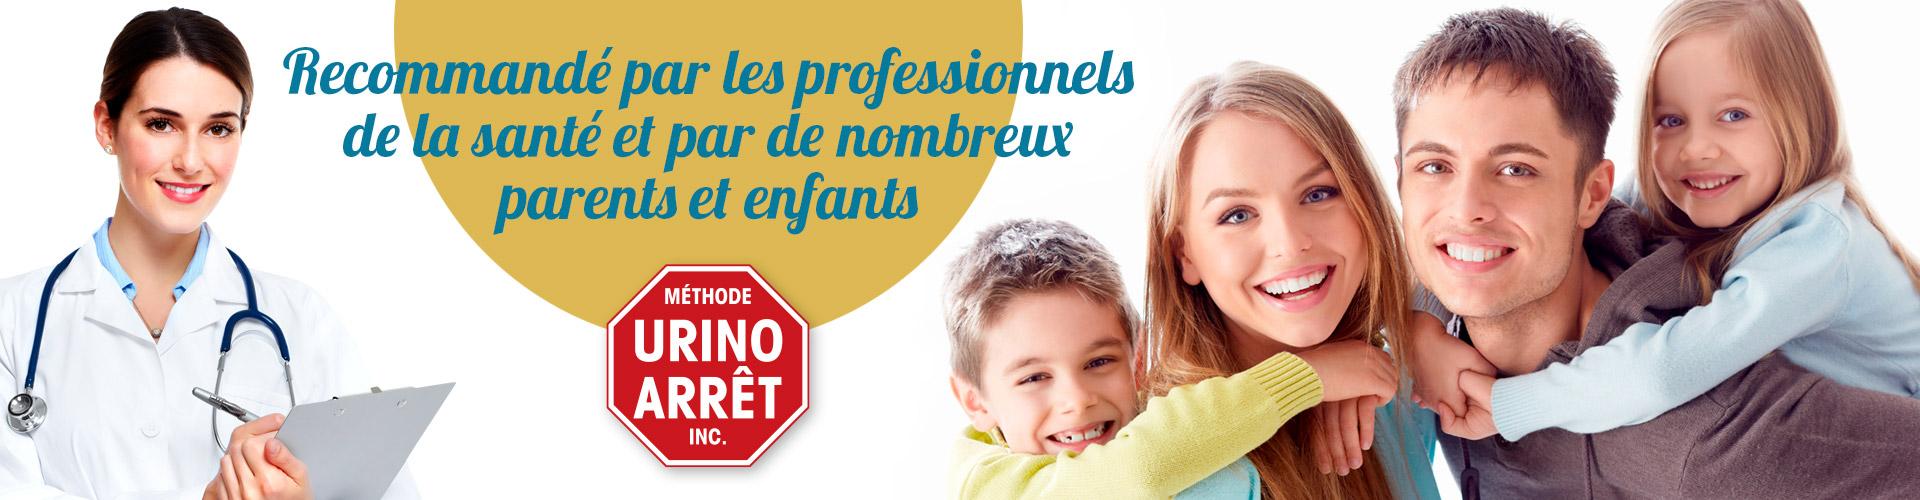 Témoignages de professionnels de la santé, de parents et d'enfants sur l'efficacité de la Méthode Urino-Arrêt